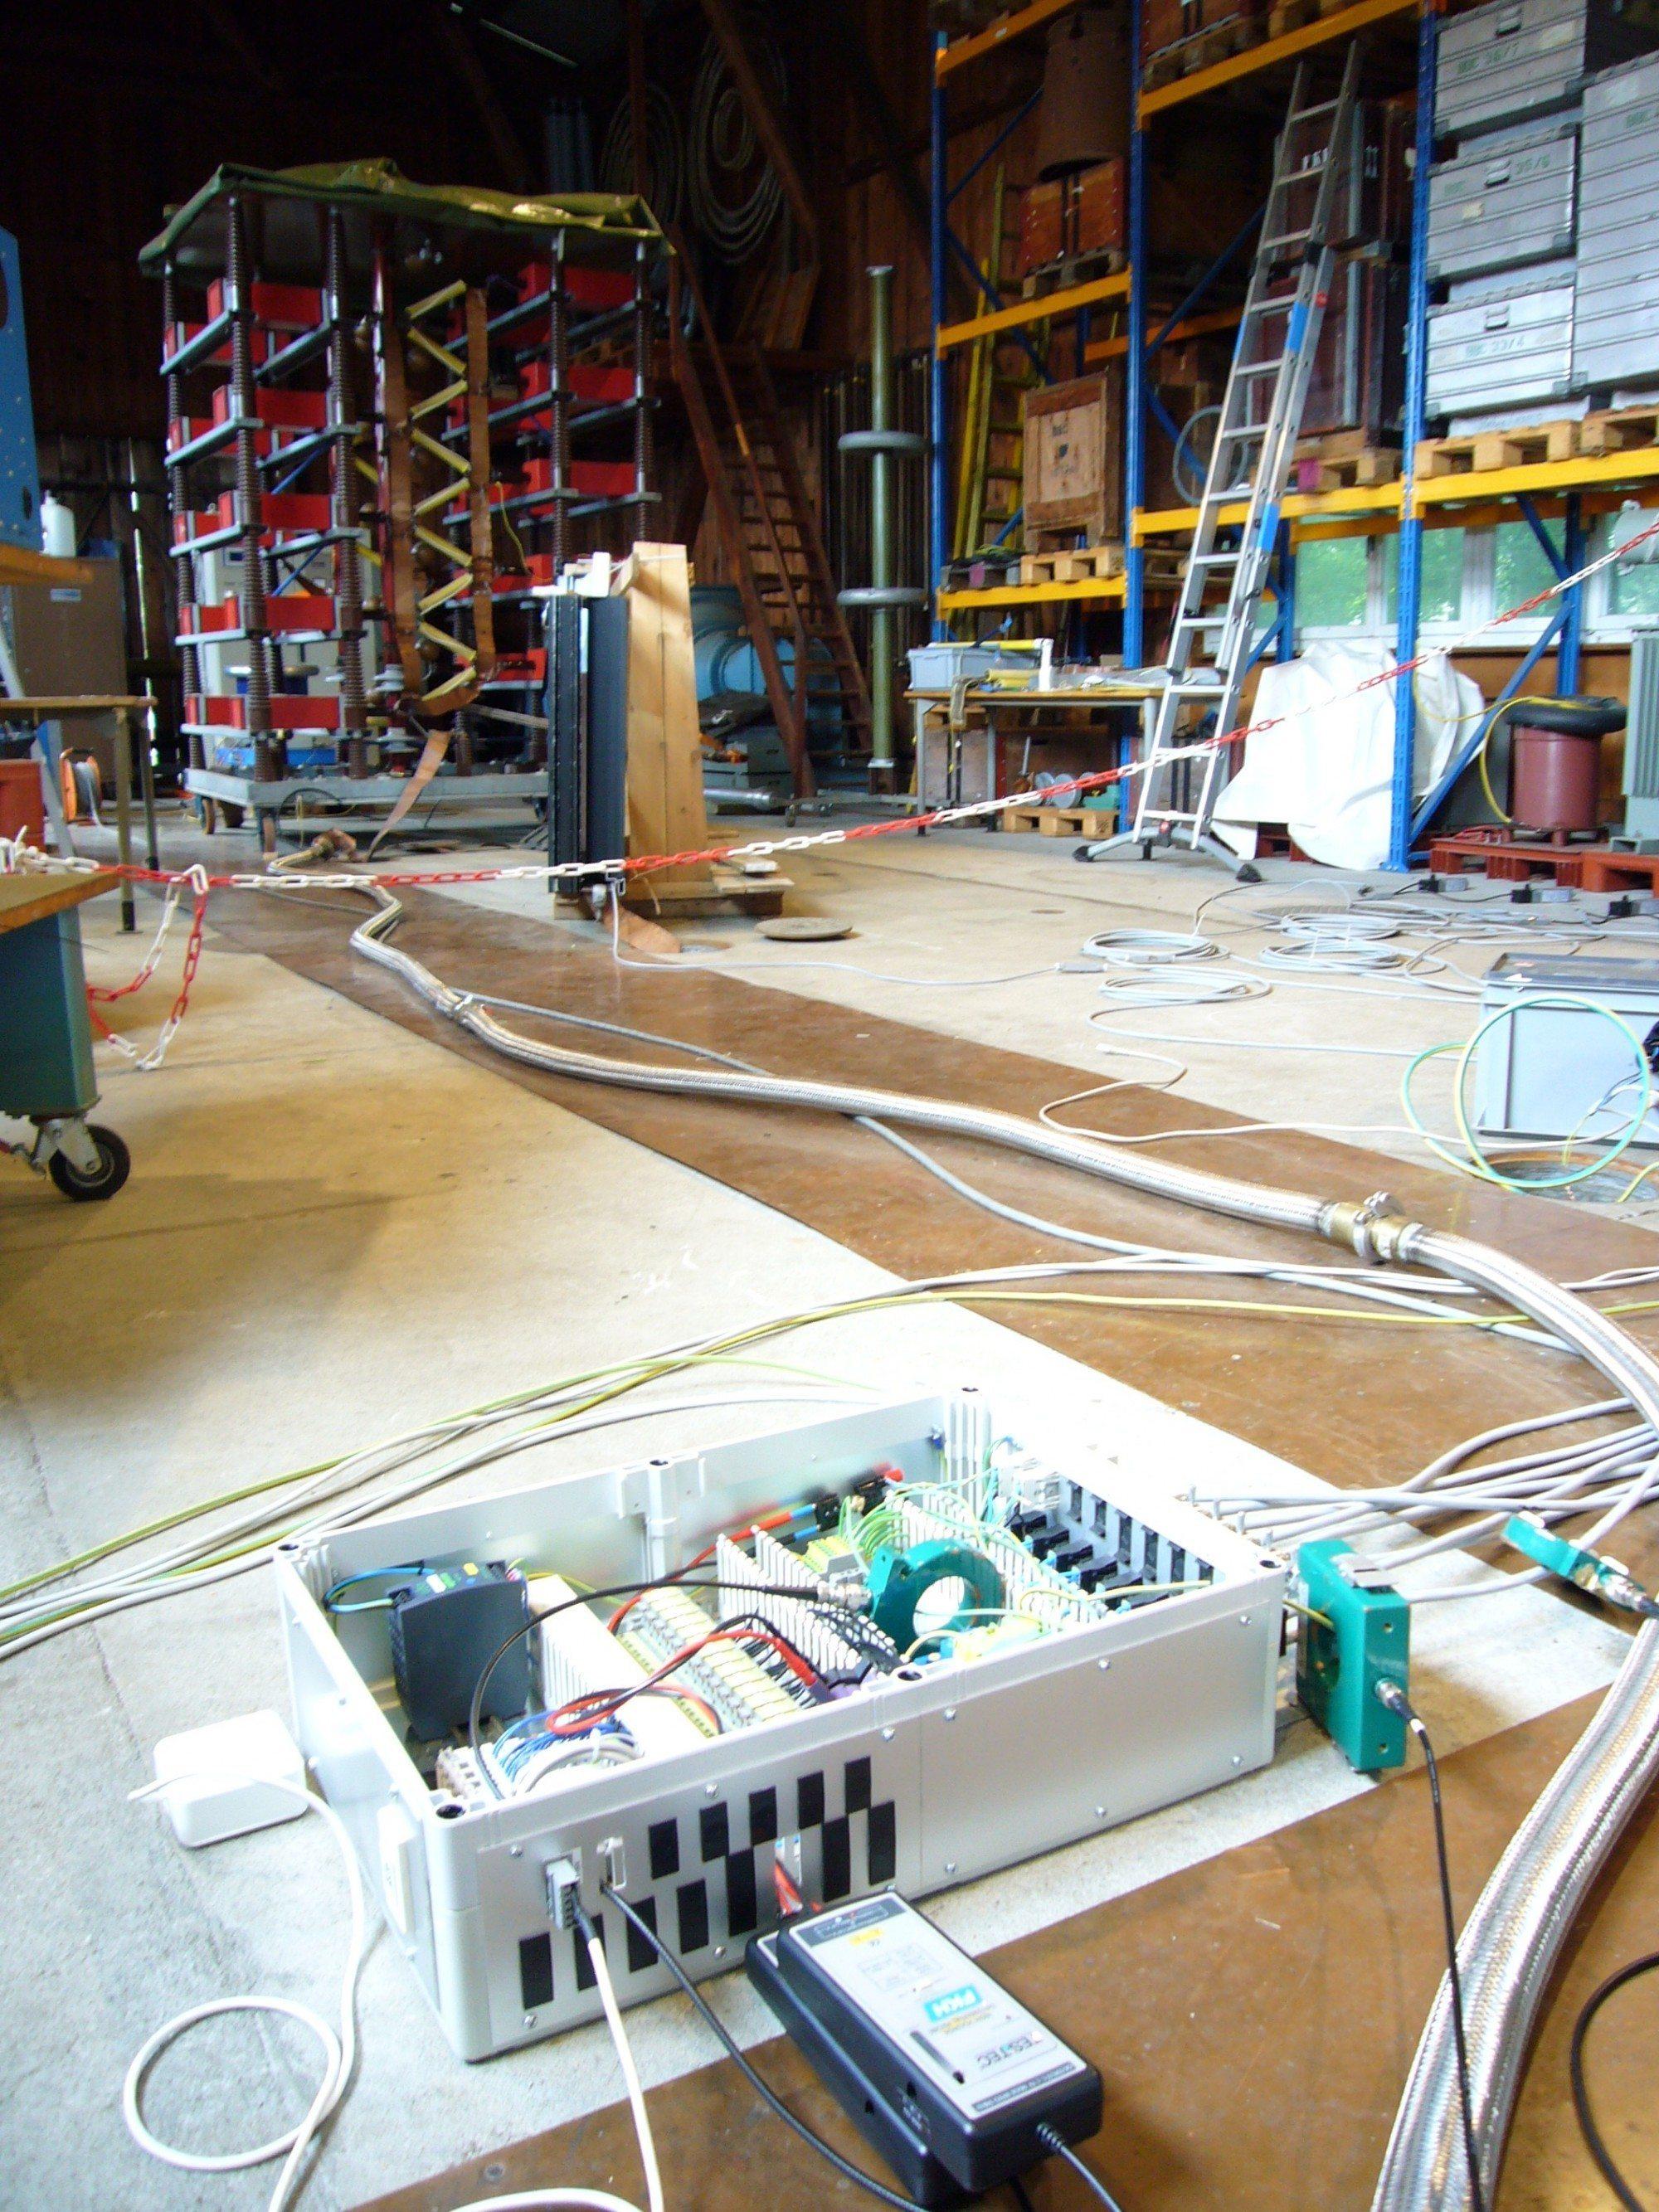 Vue d'ensemble de l'installation d'essai avec générateur de courant de choc, cadre de fenêtre avec commande de stores